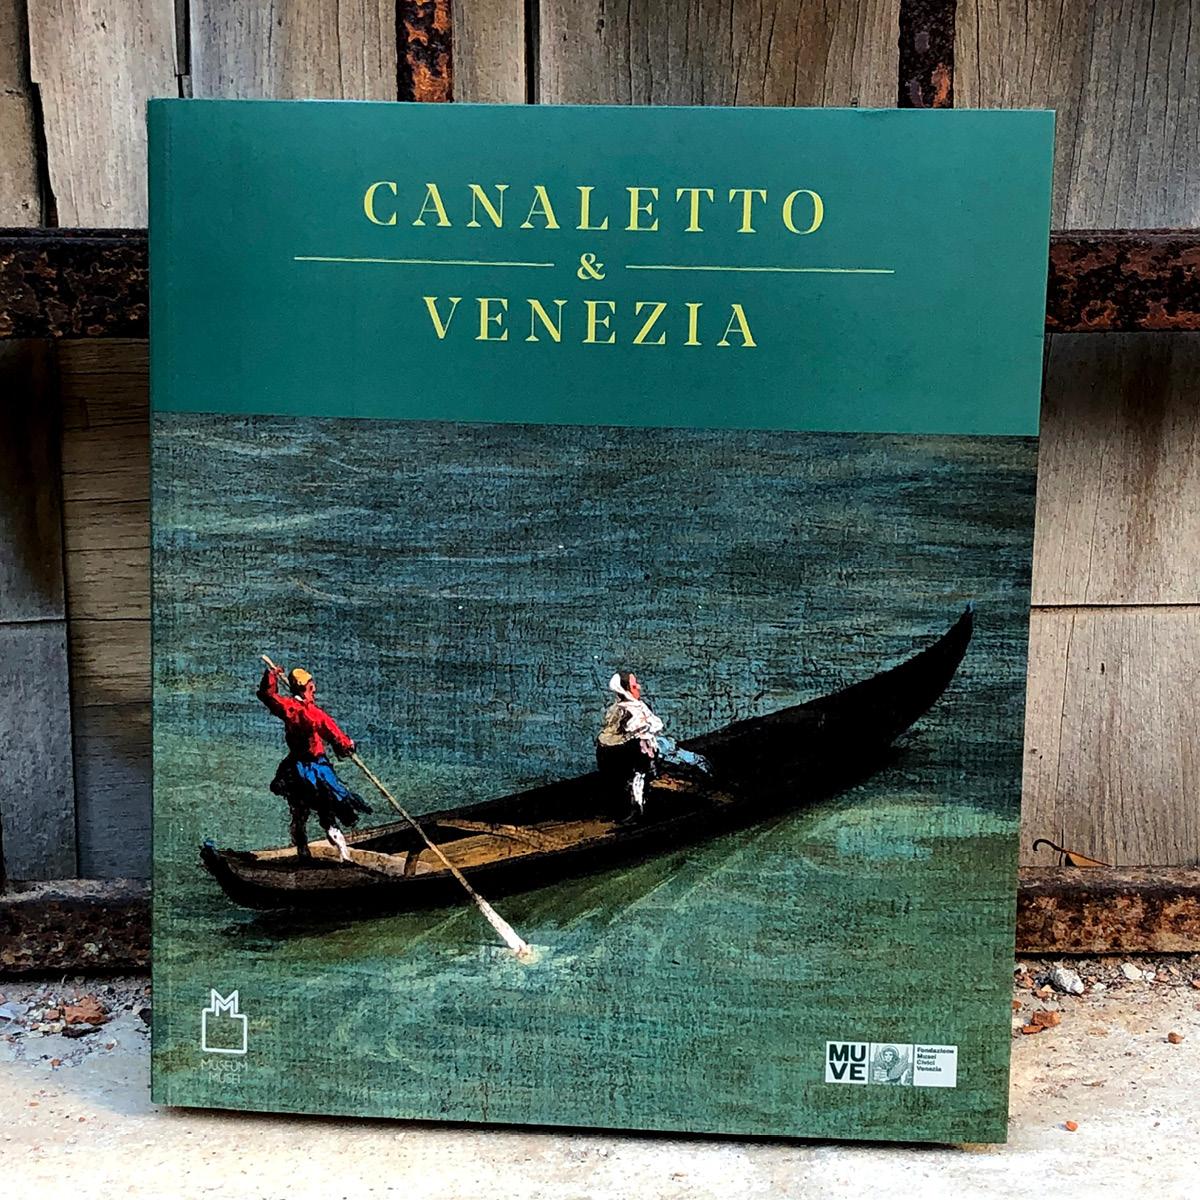 Canaletto-Venezia-006